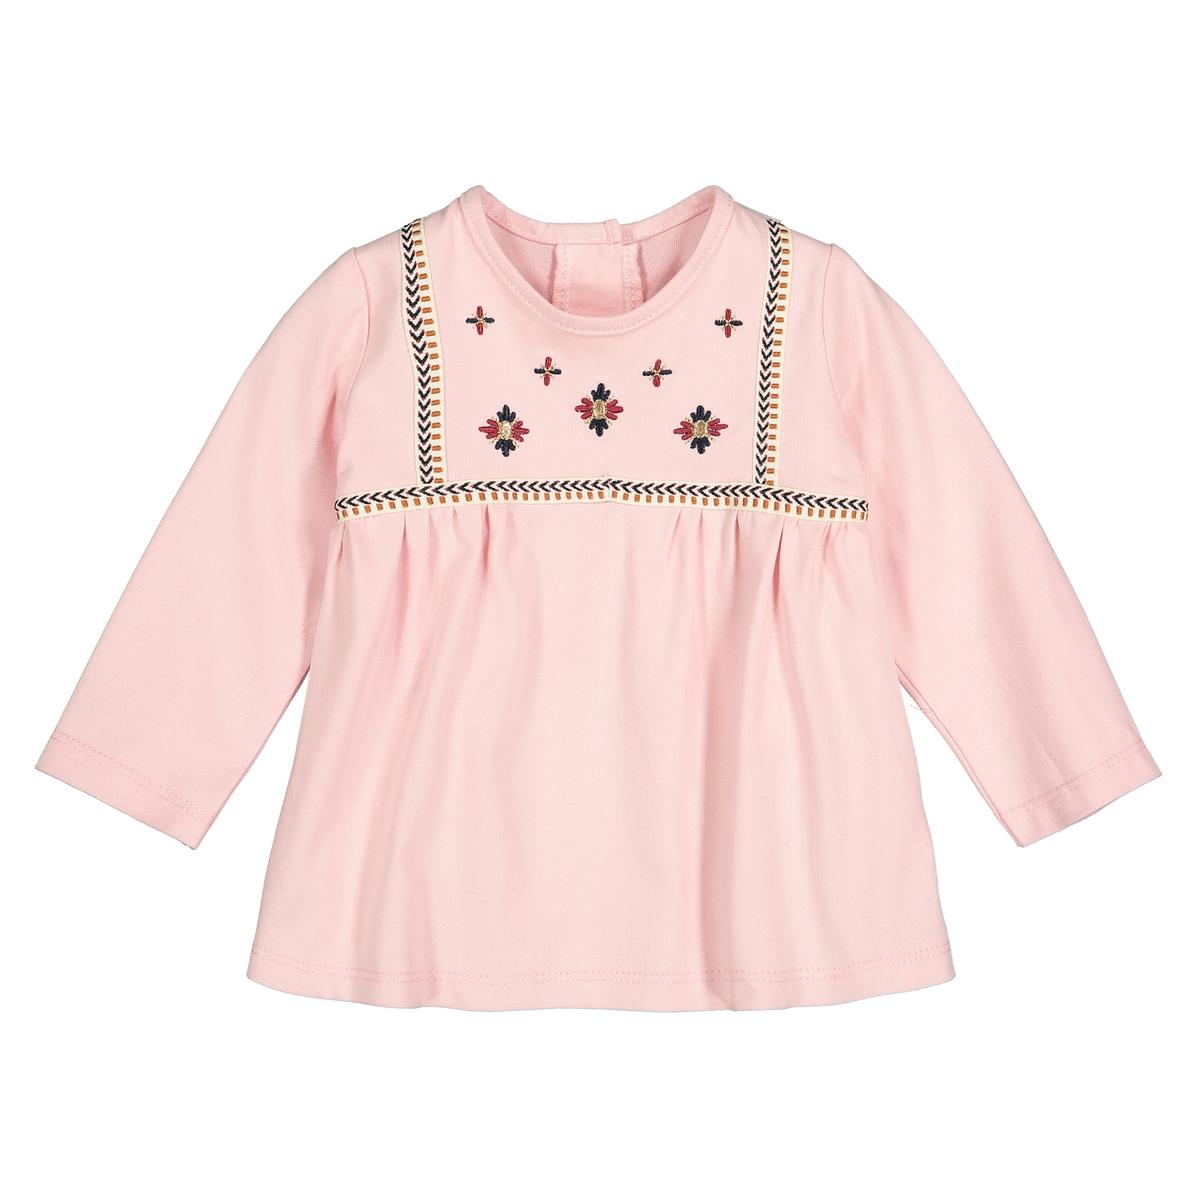 Футболка La Redoute С длинными рукавами с вышивкой мес- года 1 мес. - 54 см розовый шорты с вышивкой 1 мес 3 года